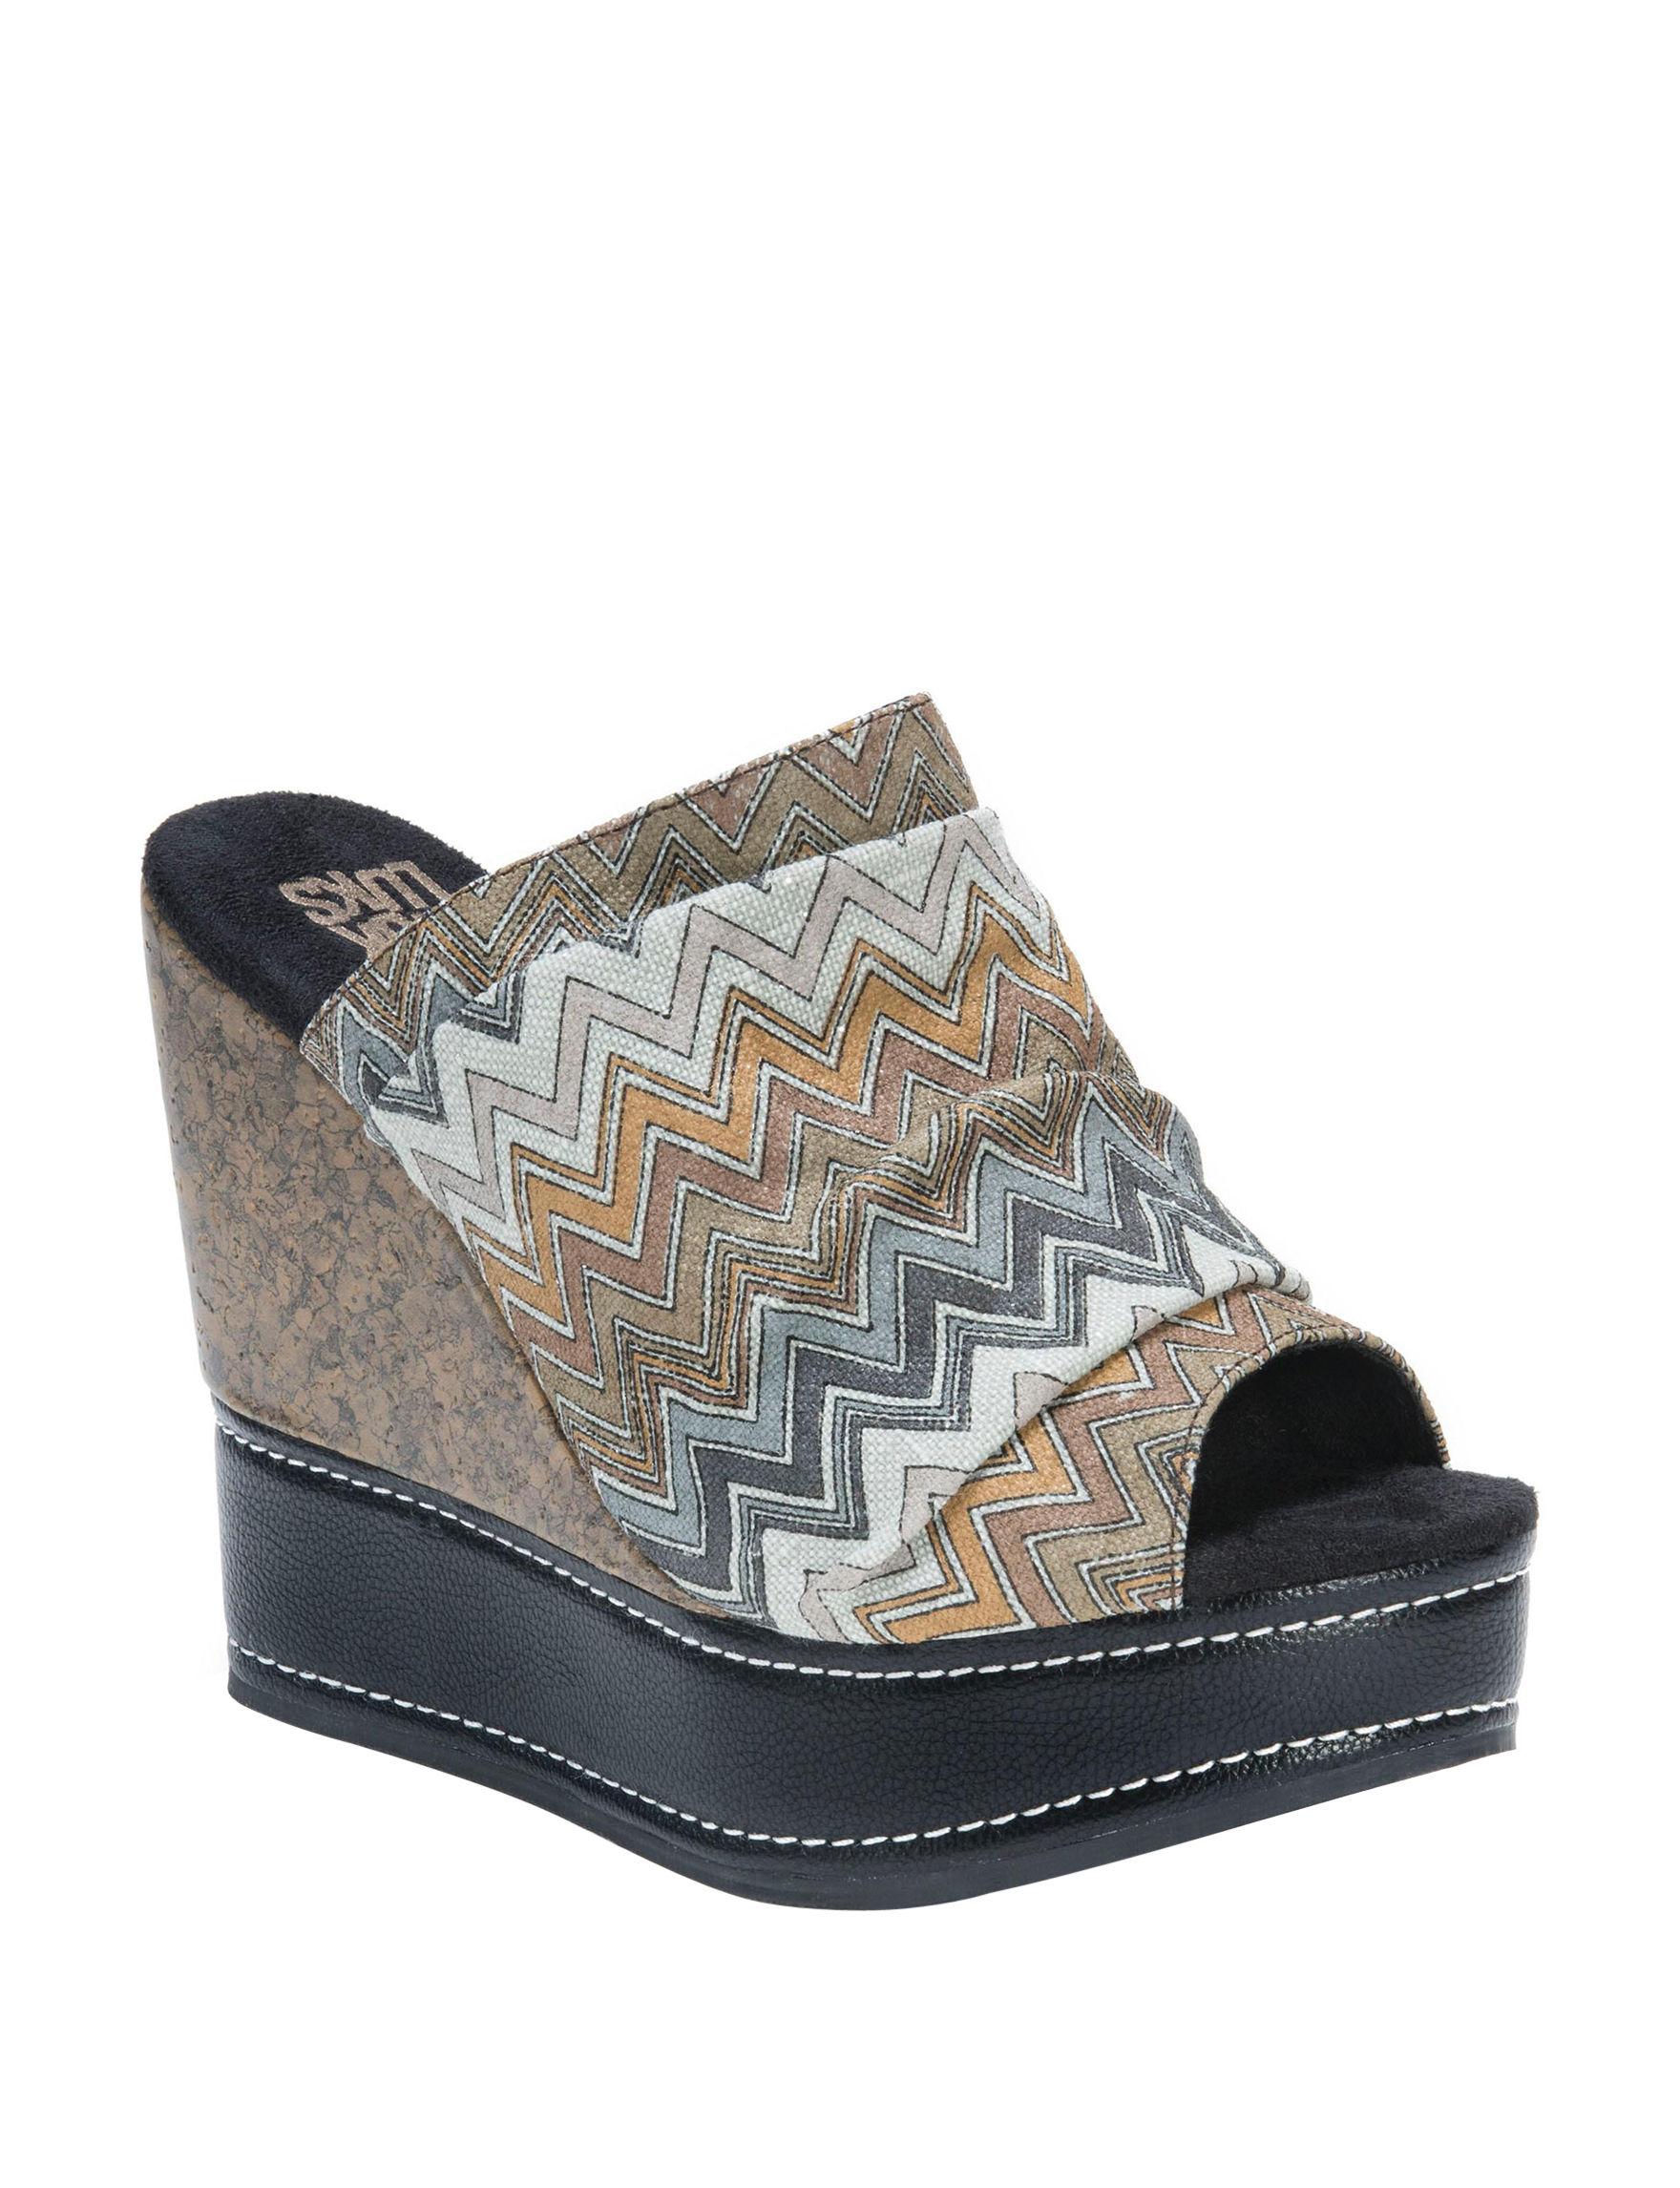 Muk Luks Grey Peep Toe Platform Wedge Sandals